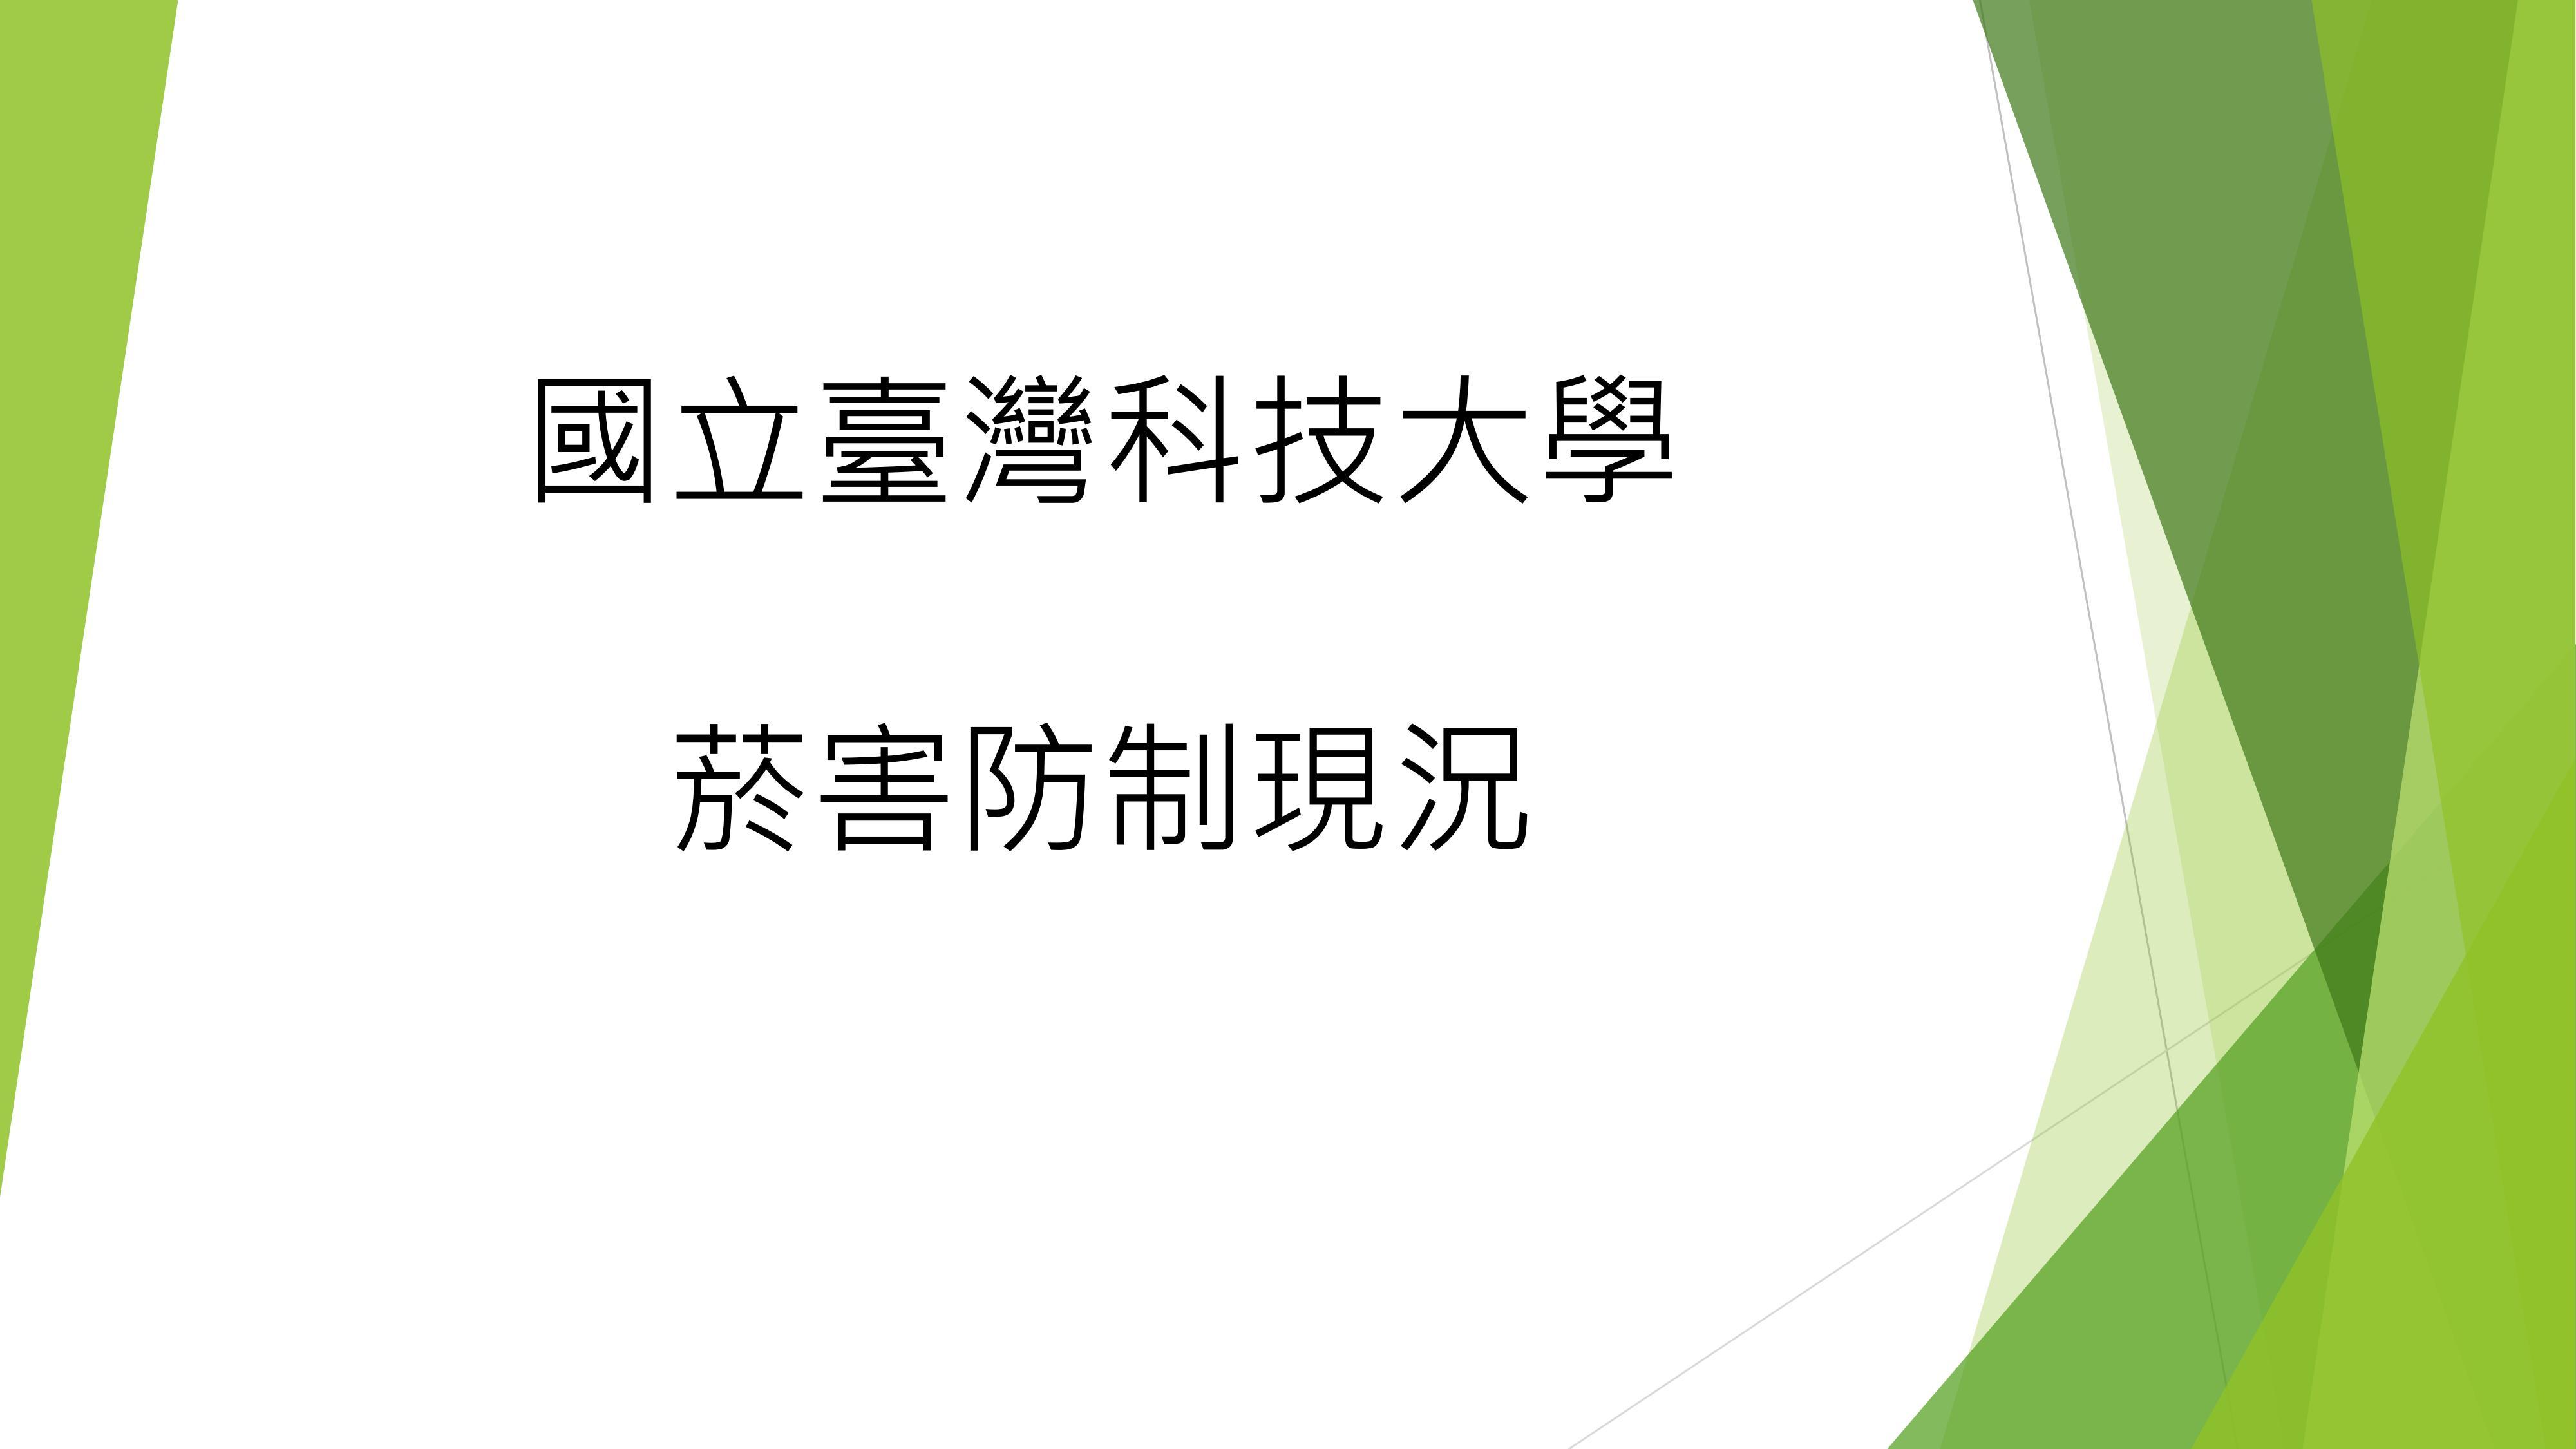 圖片-國立臺灣科技大學菸害防制現況